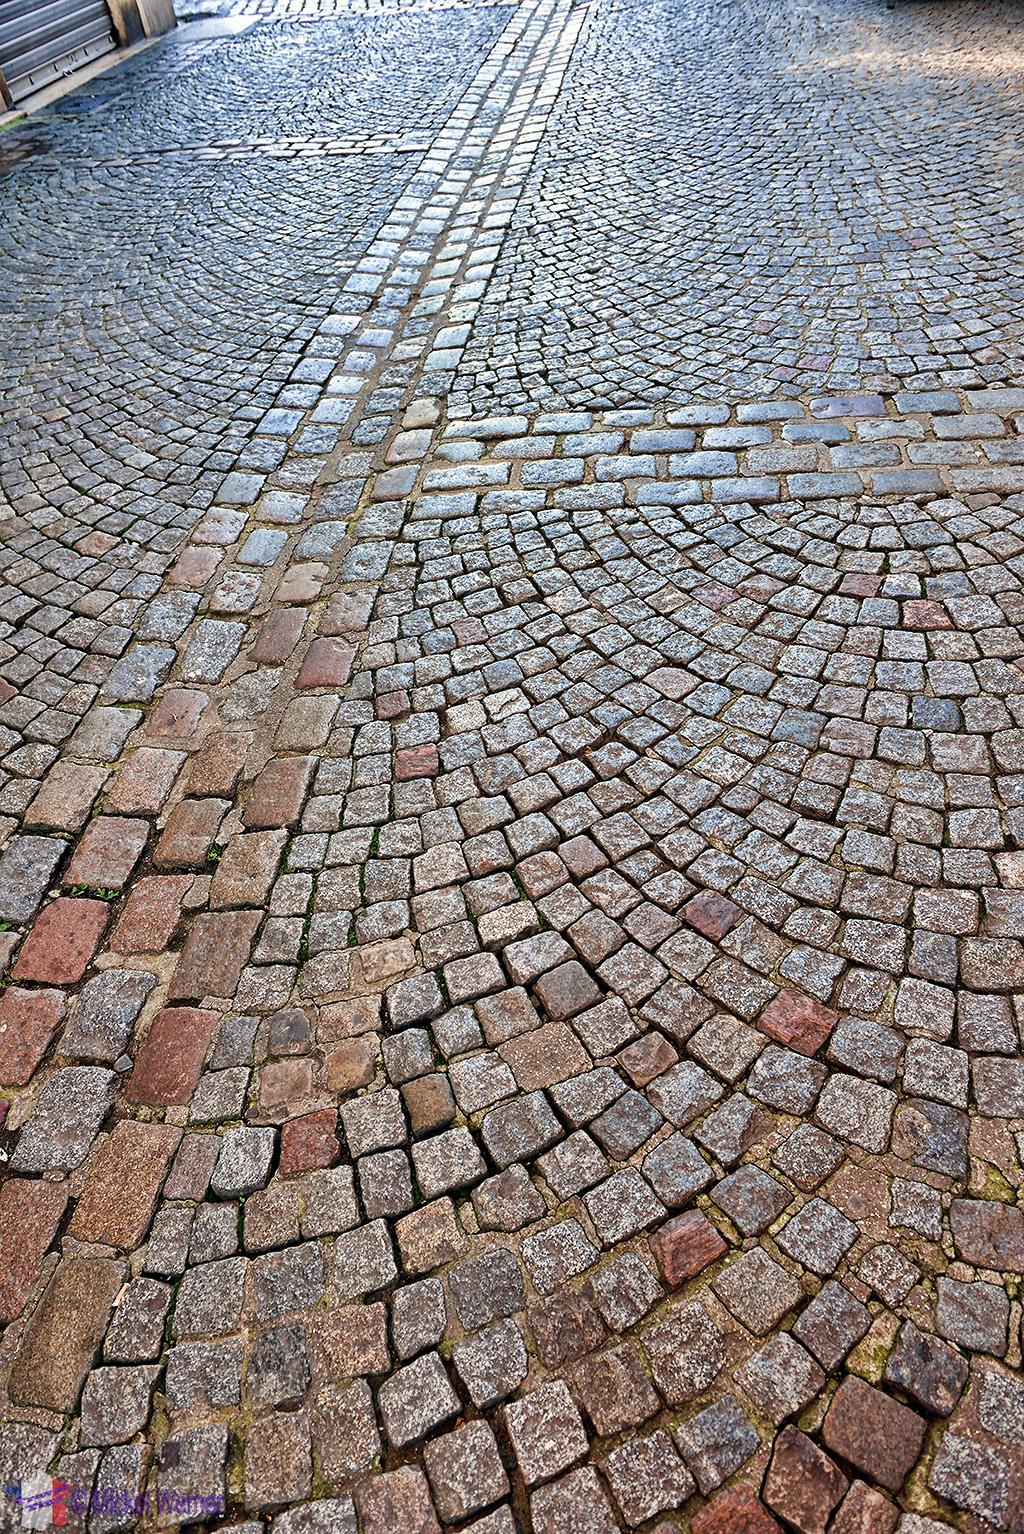 Cobblestone streets in Rouen